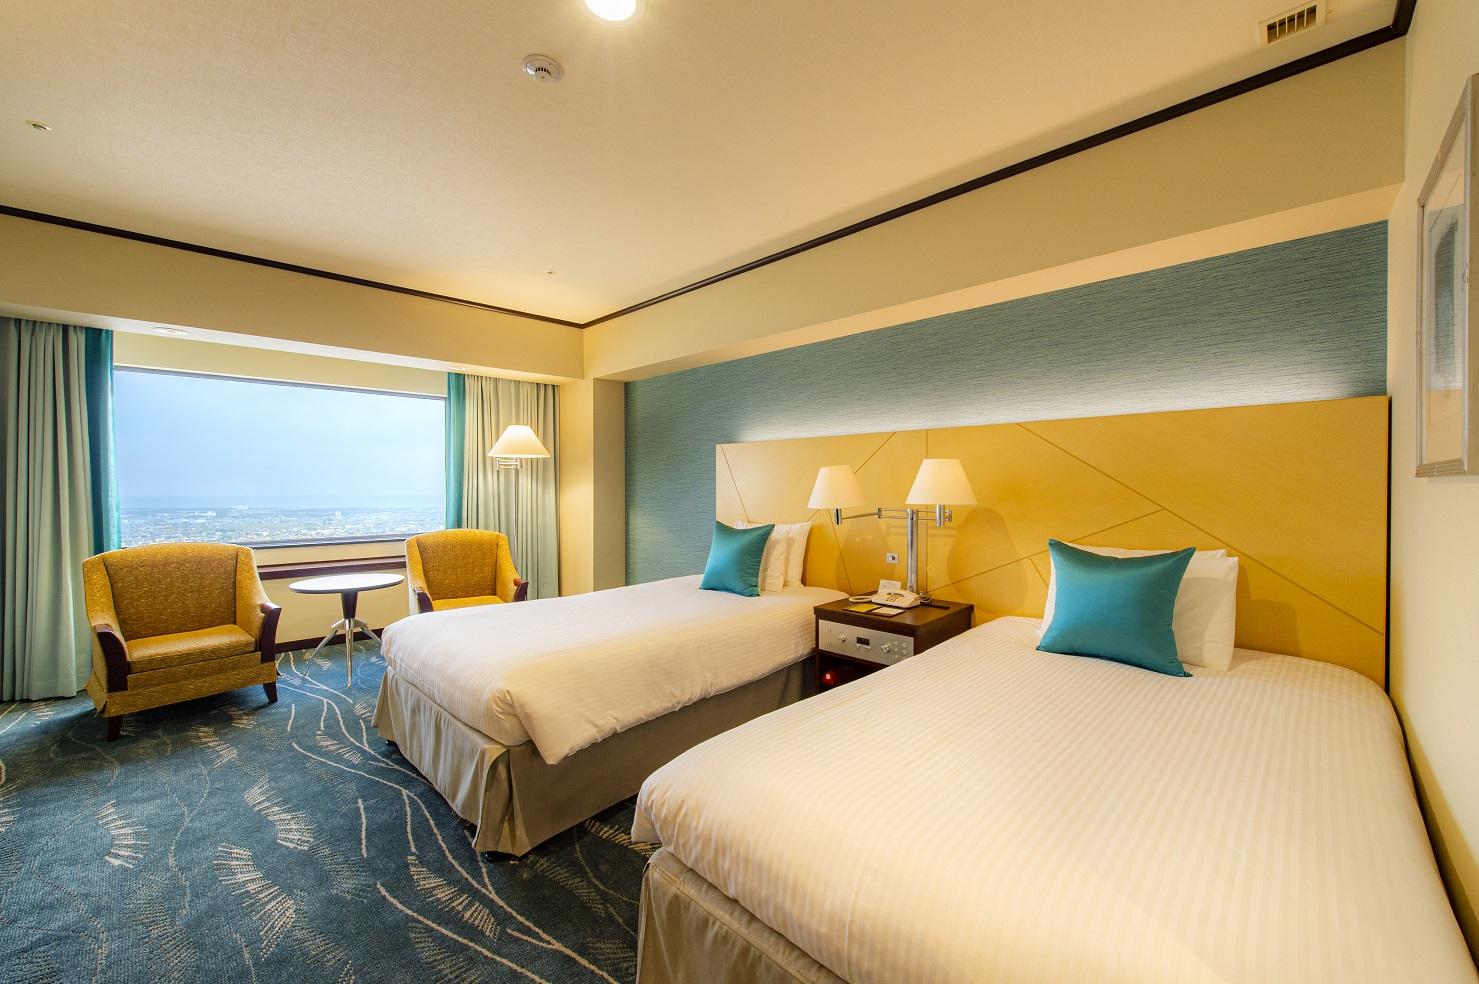 【オークラアクトシティホテル浜松】超高層フロア43階・44階の客室を改装『アッパープレミアムコンフォートフロア』誕生